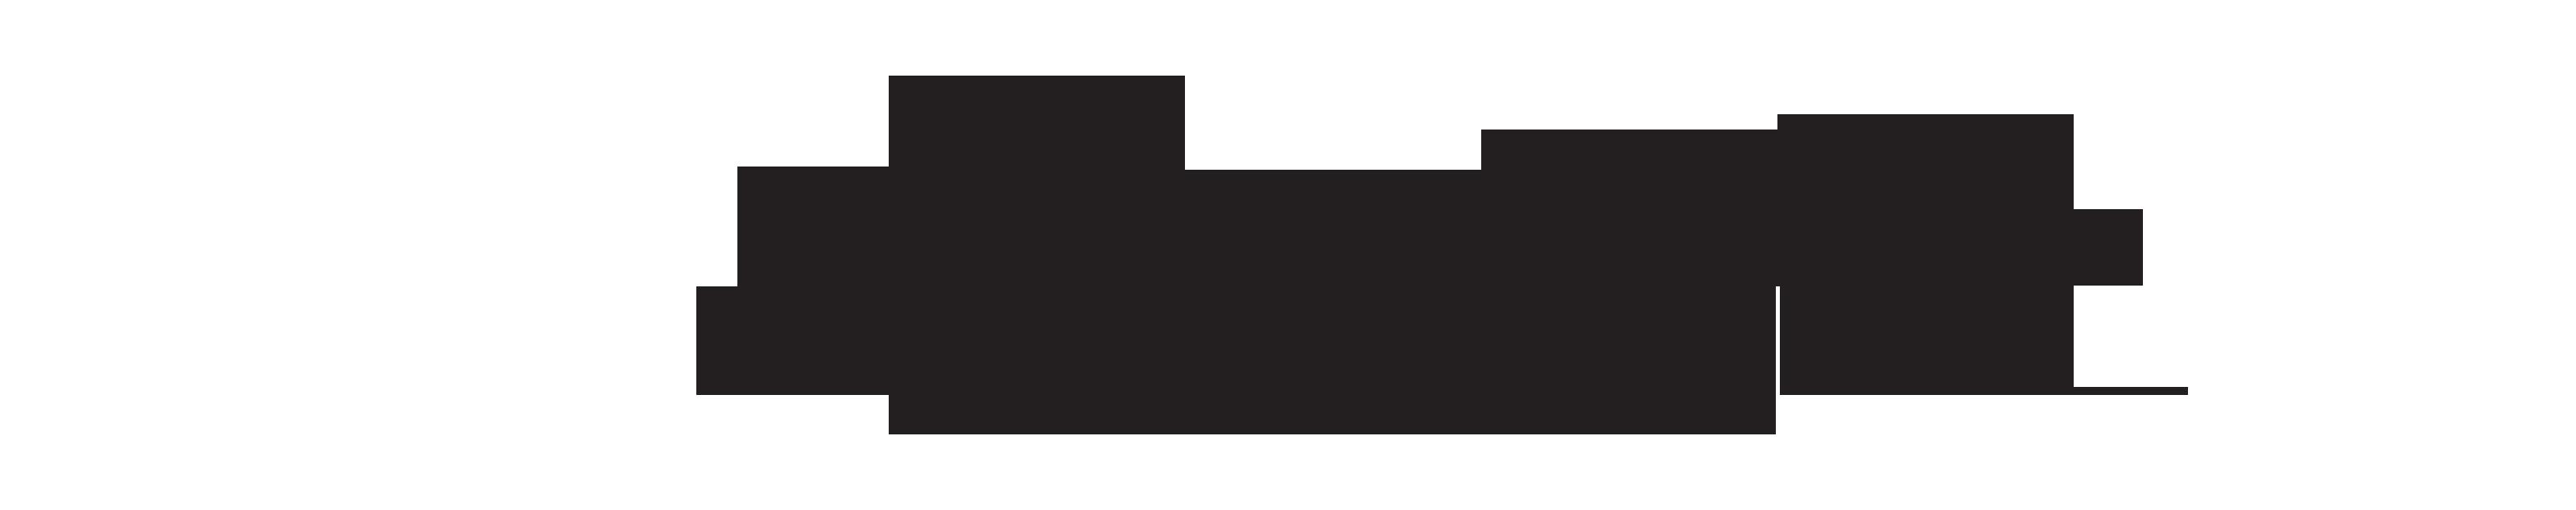 Benedictions Interior & Decor Shop by L&D Interiors